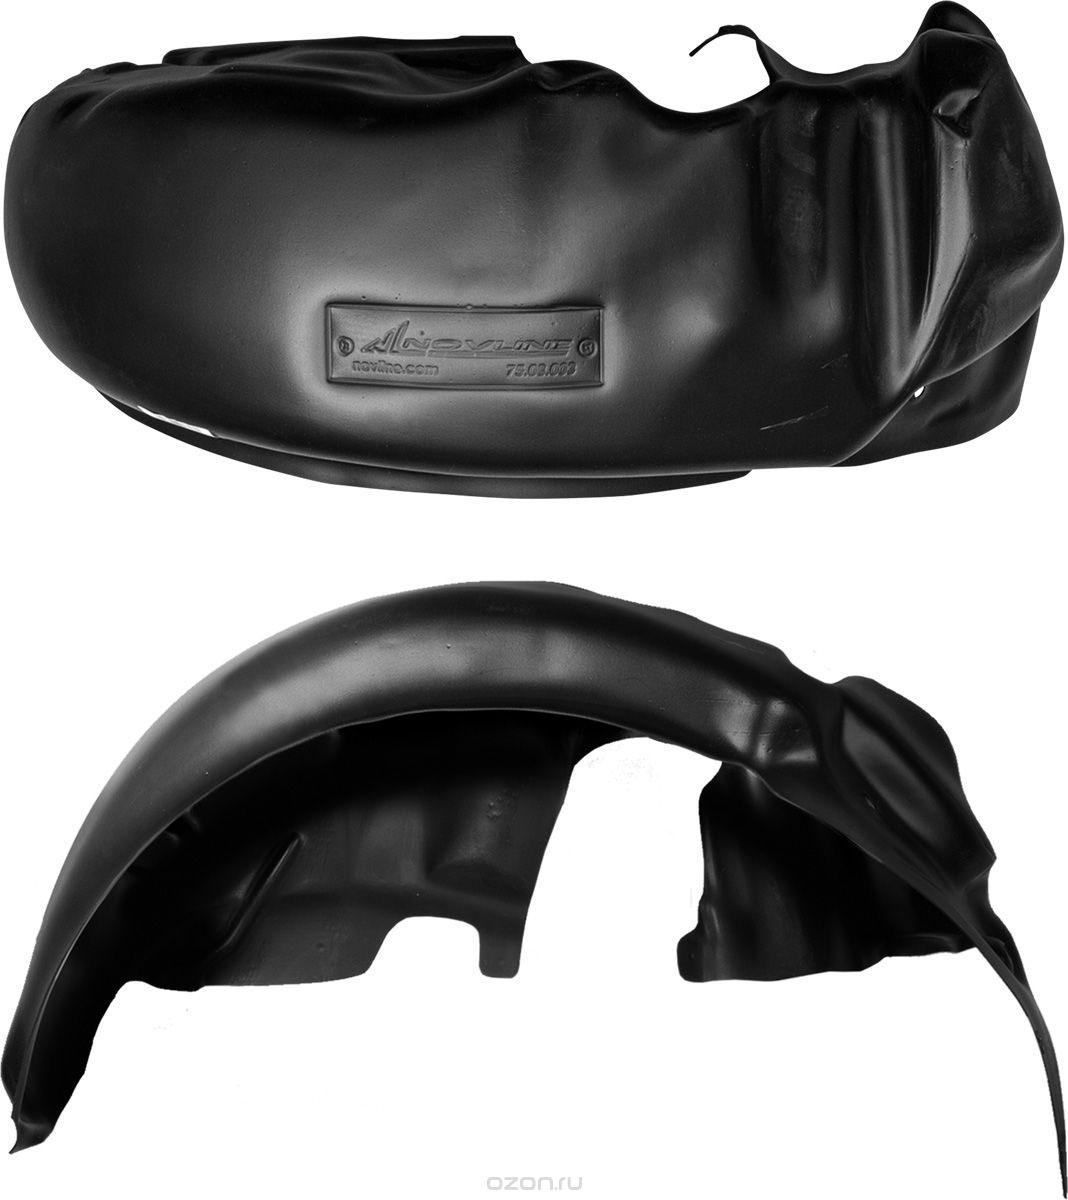 Подкрылок Novline-Autofamily, для MITSUBISHI Colt 3D 10/2009->, задний левый, NLL.35.21.003NLL.35.21.003Идеальная защита колесной ниши. Локеры разработаны с применением цифровых технологий, гарантируют максимальную повторяемость поверхности арки. Изделия устанавливаются без нарушения лакокрасочного покрытия автомобиля, каждый подкрылок комплектуется крепежом. Уважаемые клиенты, обращаем ваше внимание, что фотографии на подкрылки универсальные и не отражают реальную форму изделия. При этом само изделие идет точно под размер указанного автомобиля.